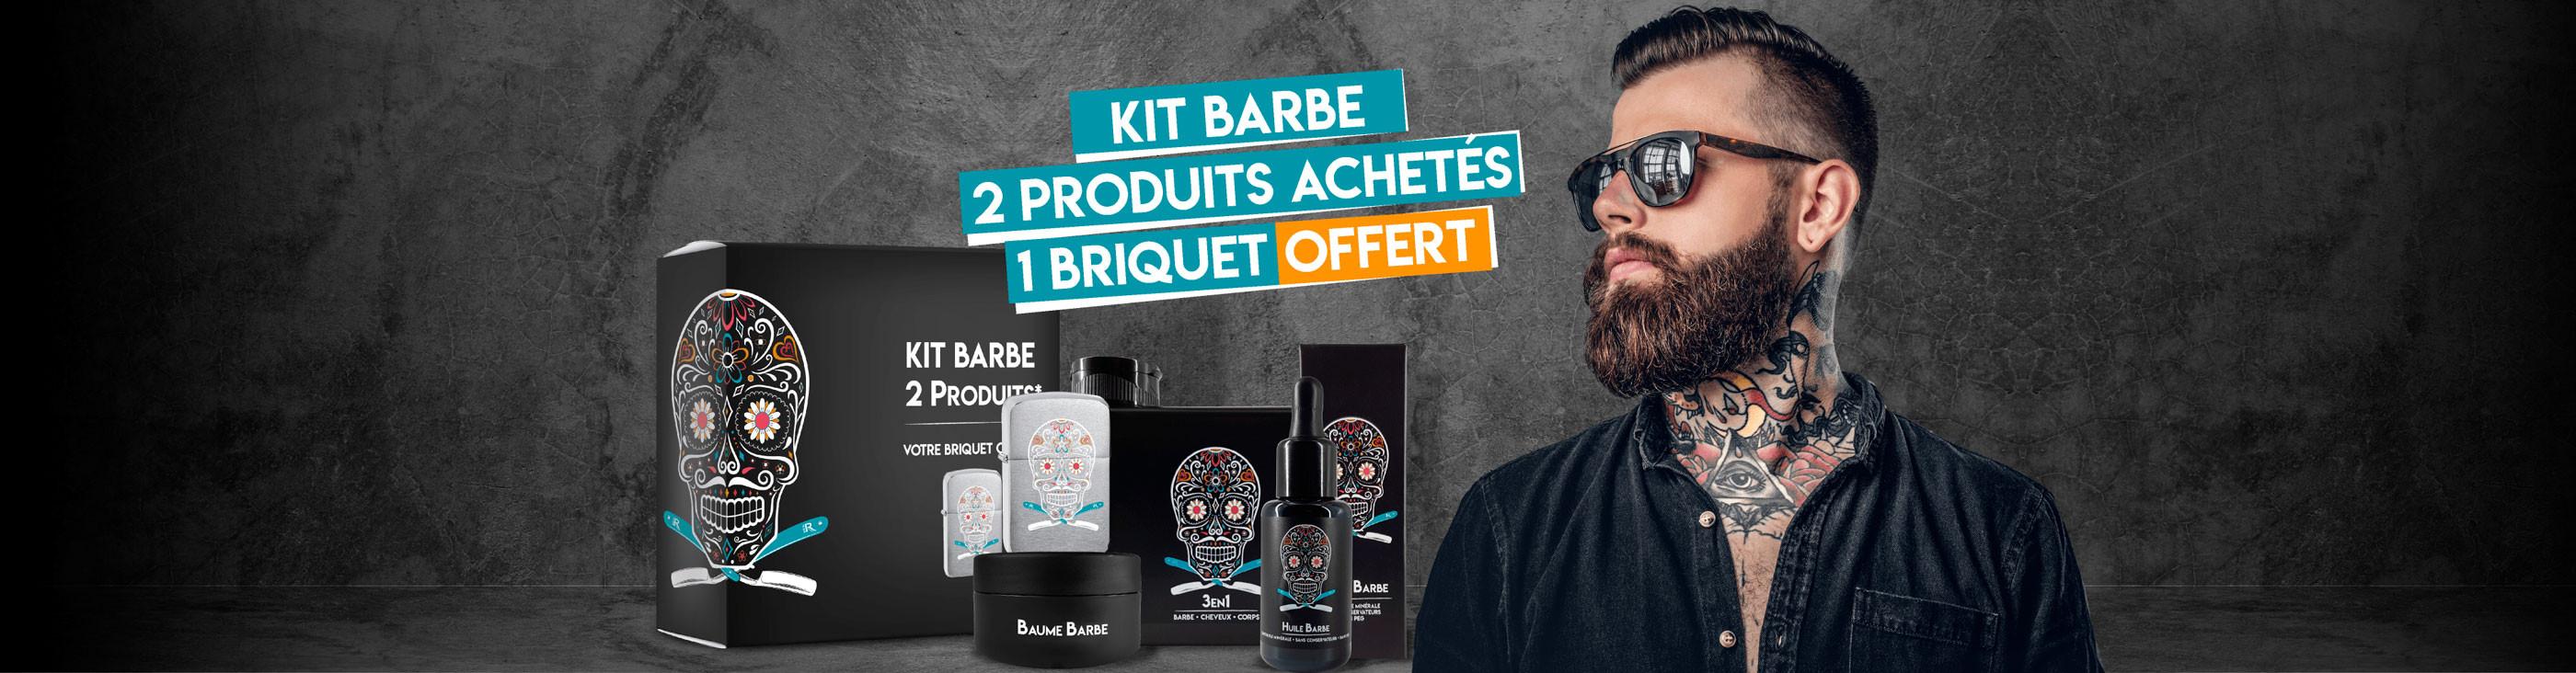 Kit barbe : 2 produits achetés = 1 briquet offert !